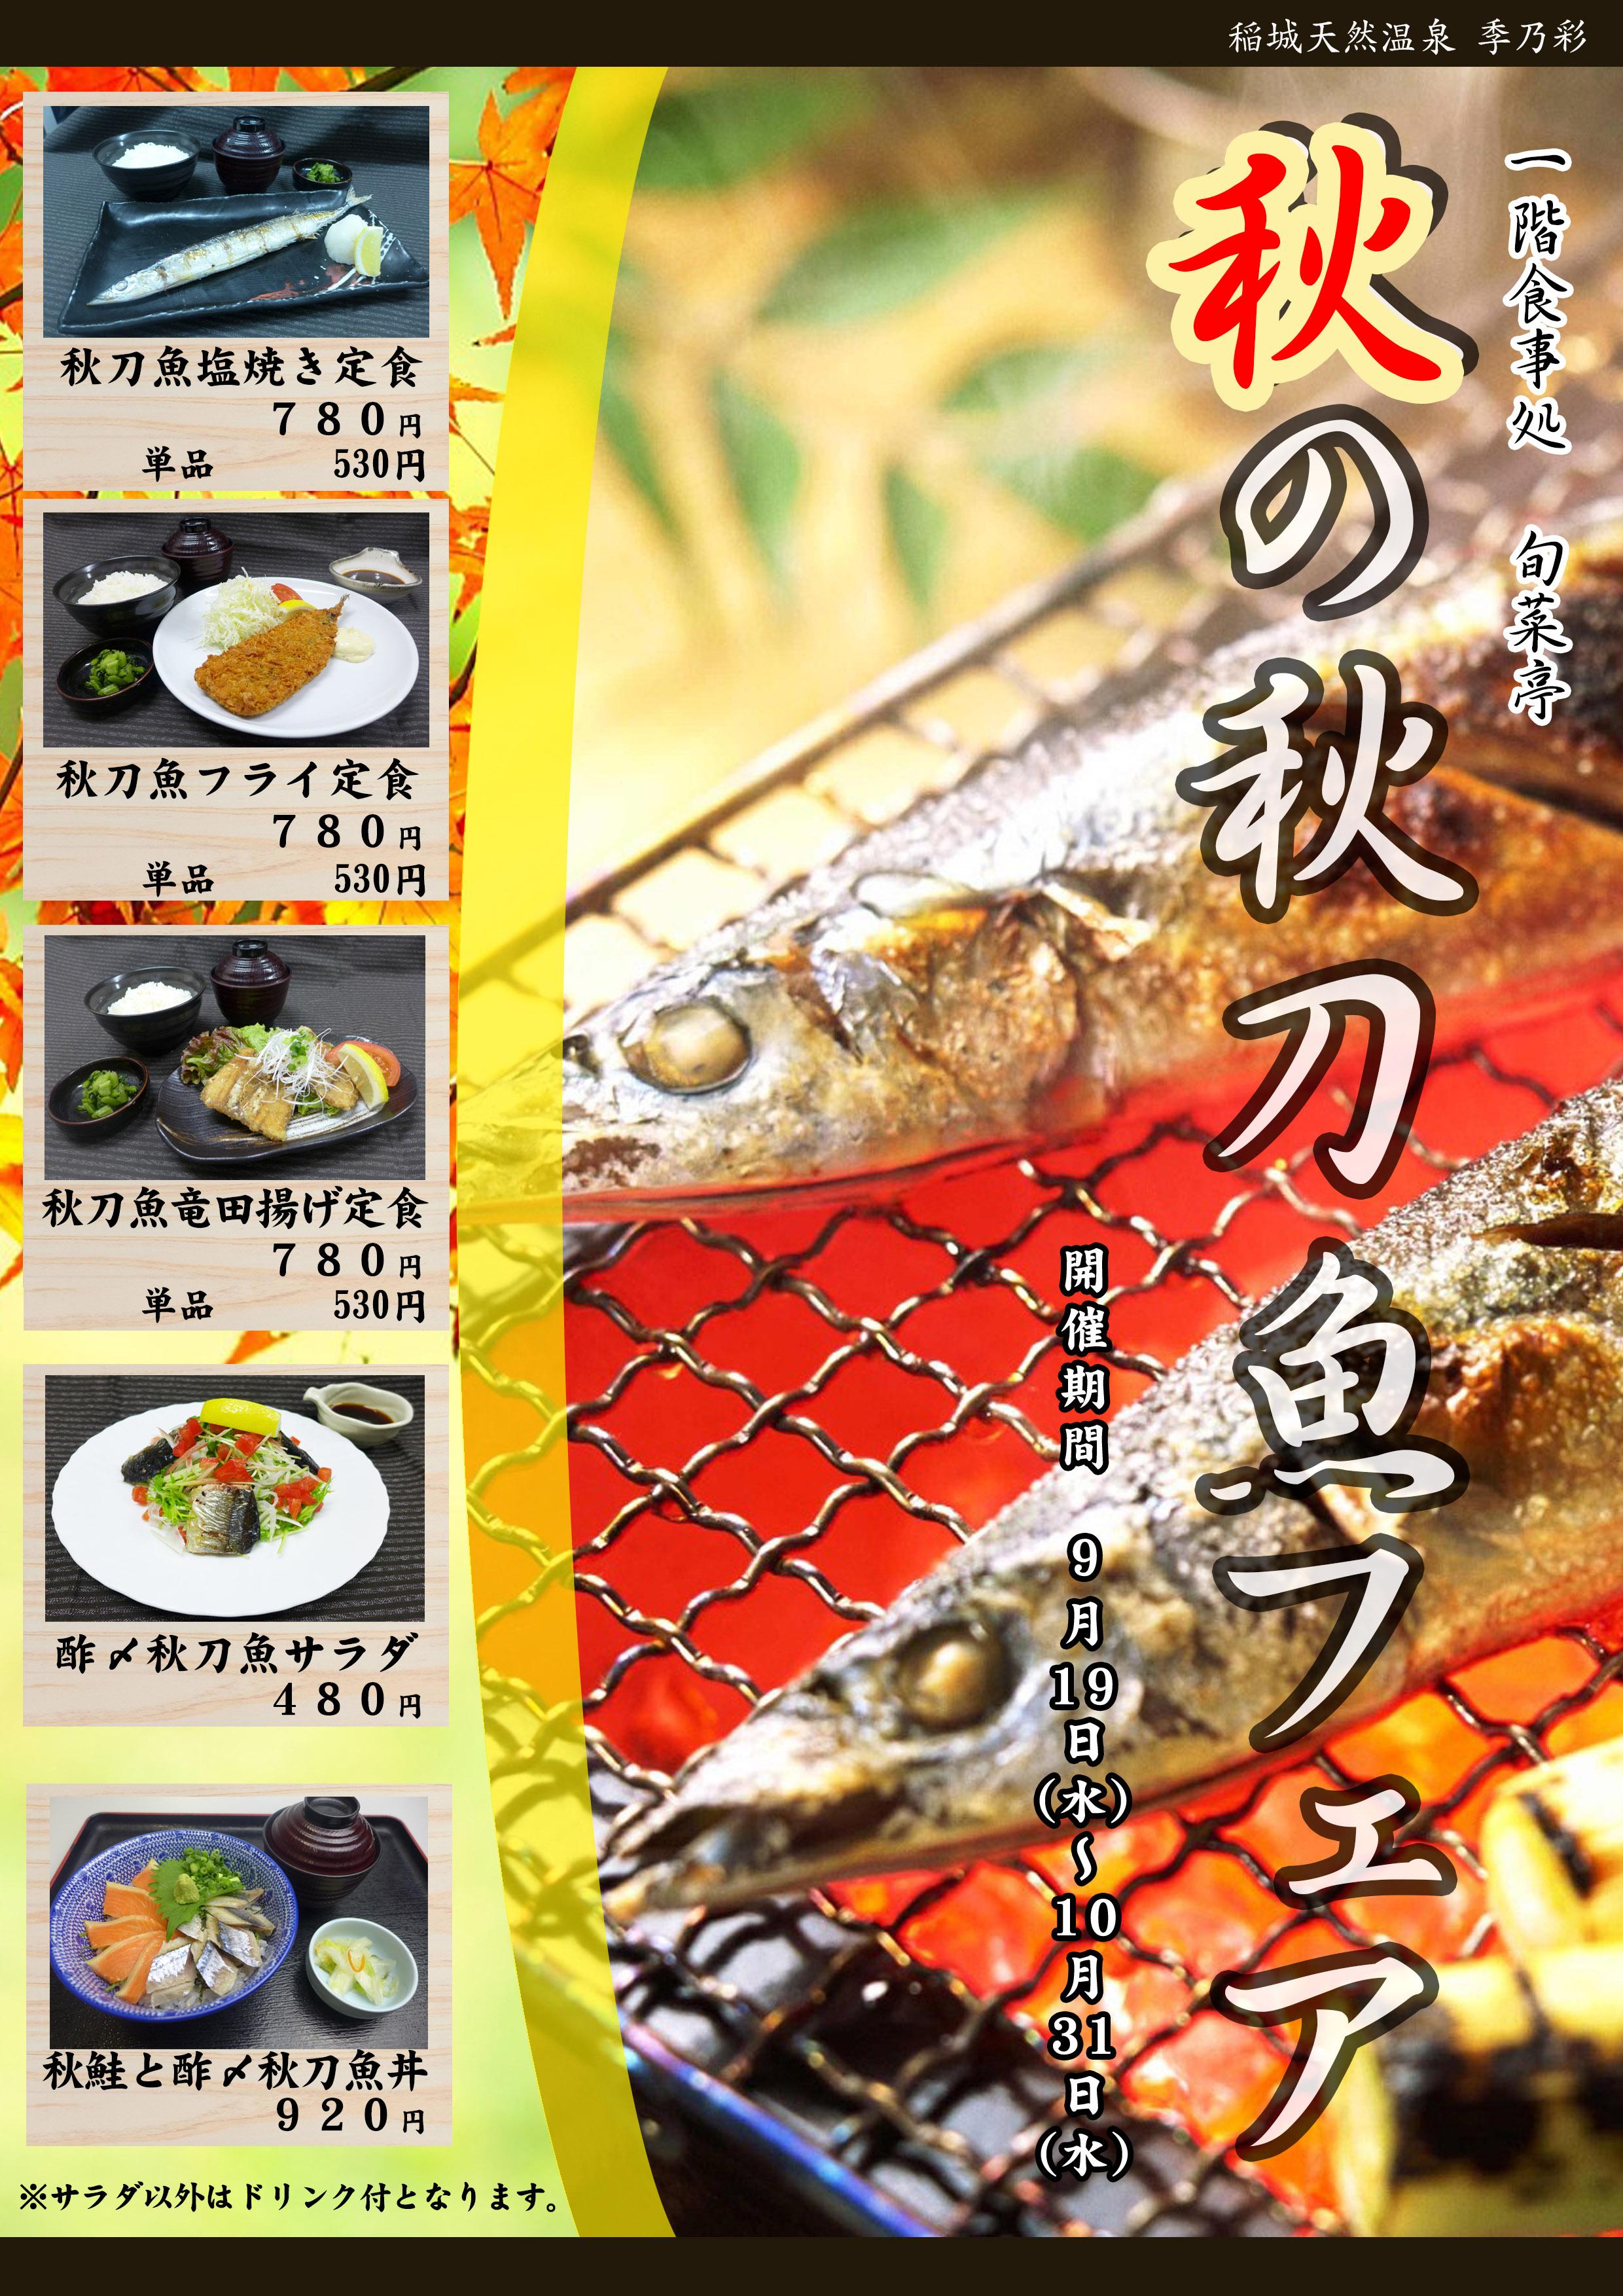 20180919POP 旬菜亭フェア 9月 さんまフェア(単品追加版)